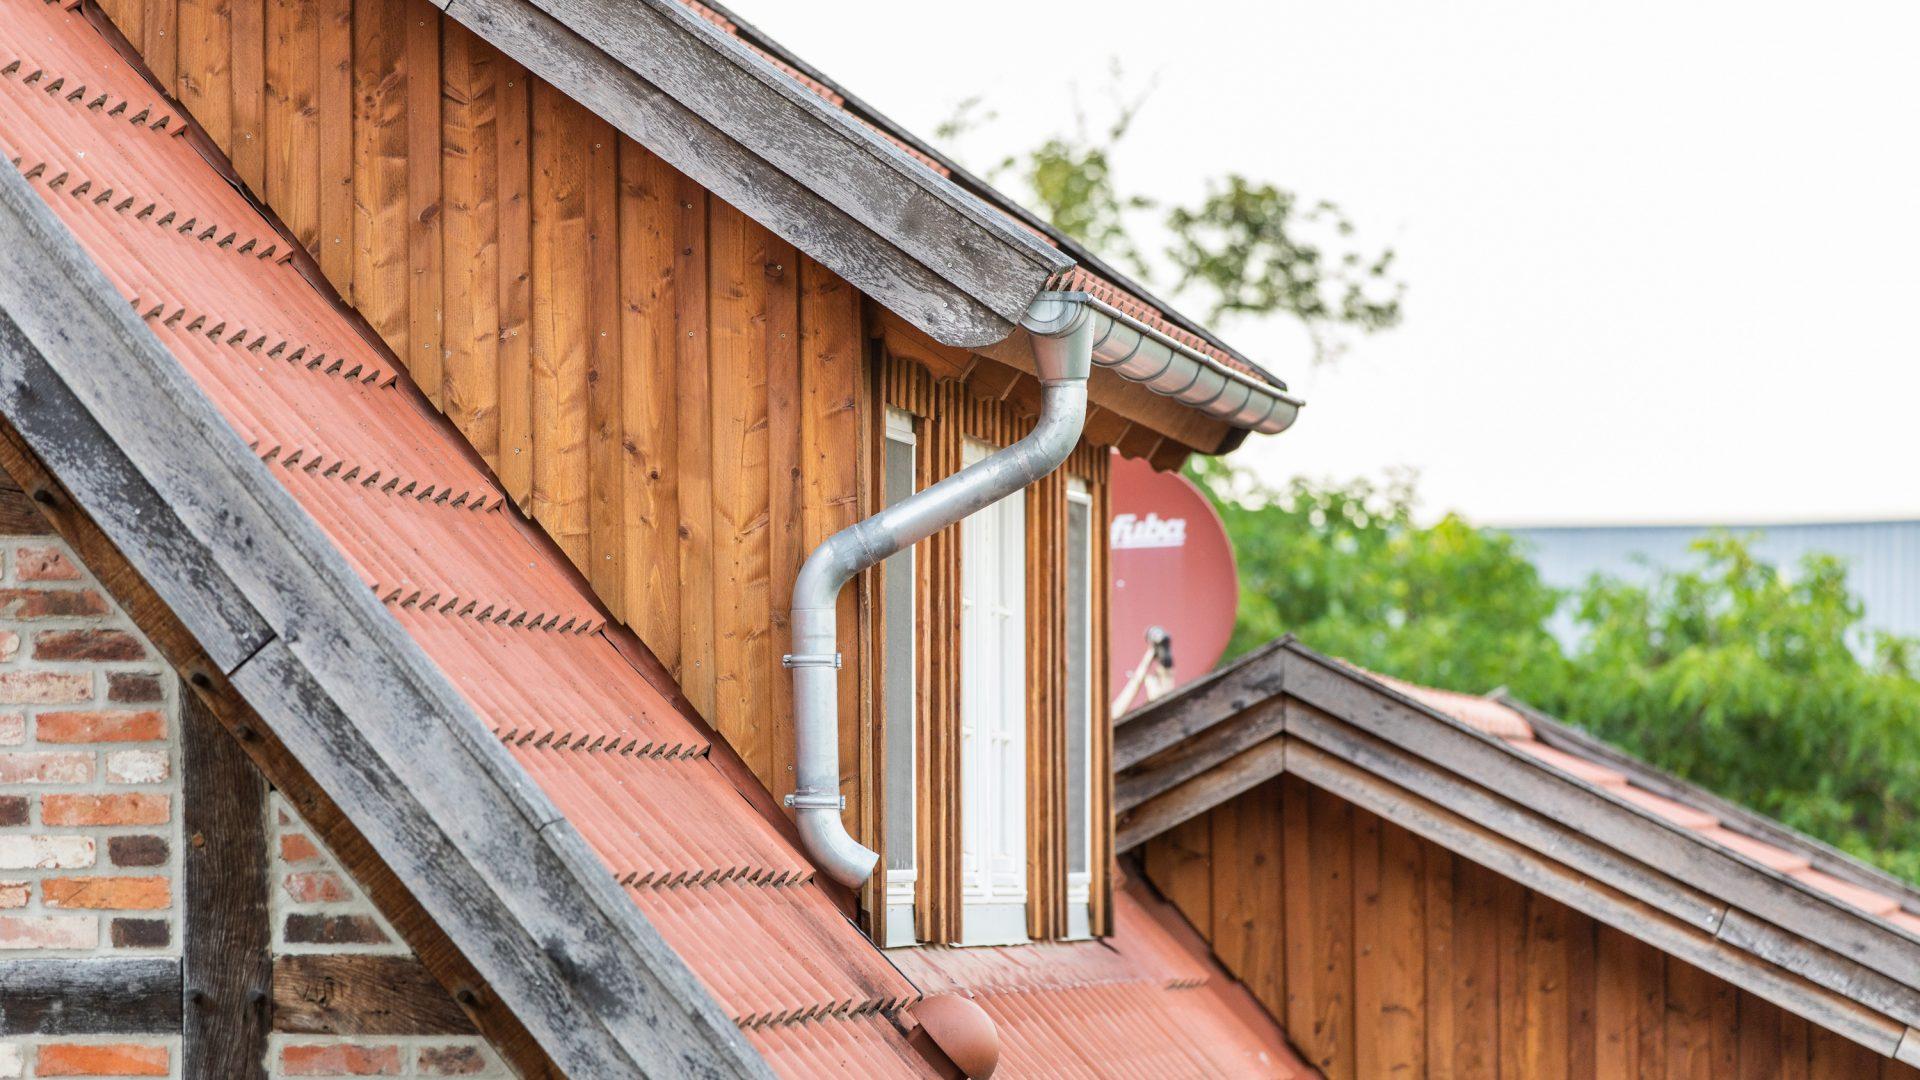 Dachstühle, Erker und Dachgauben